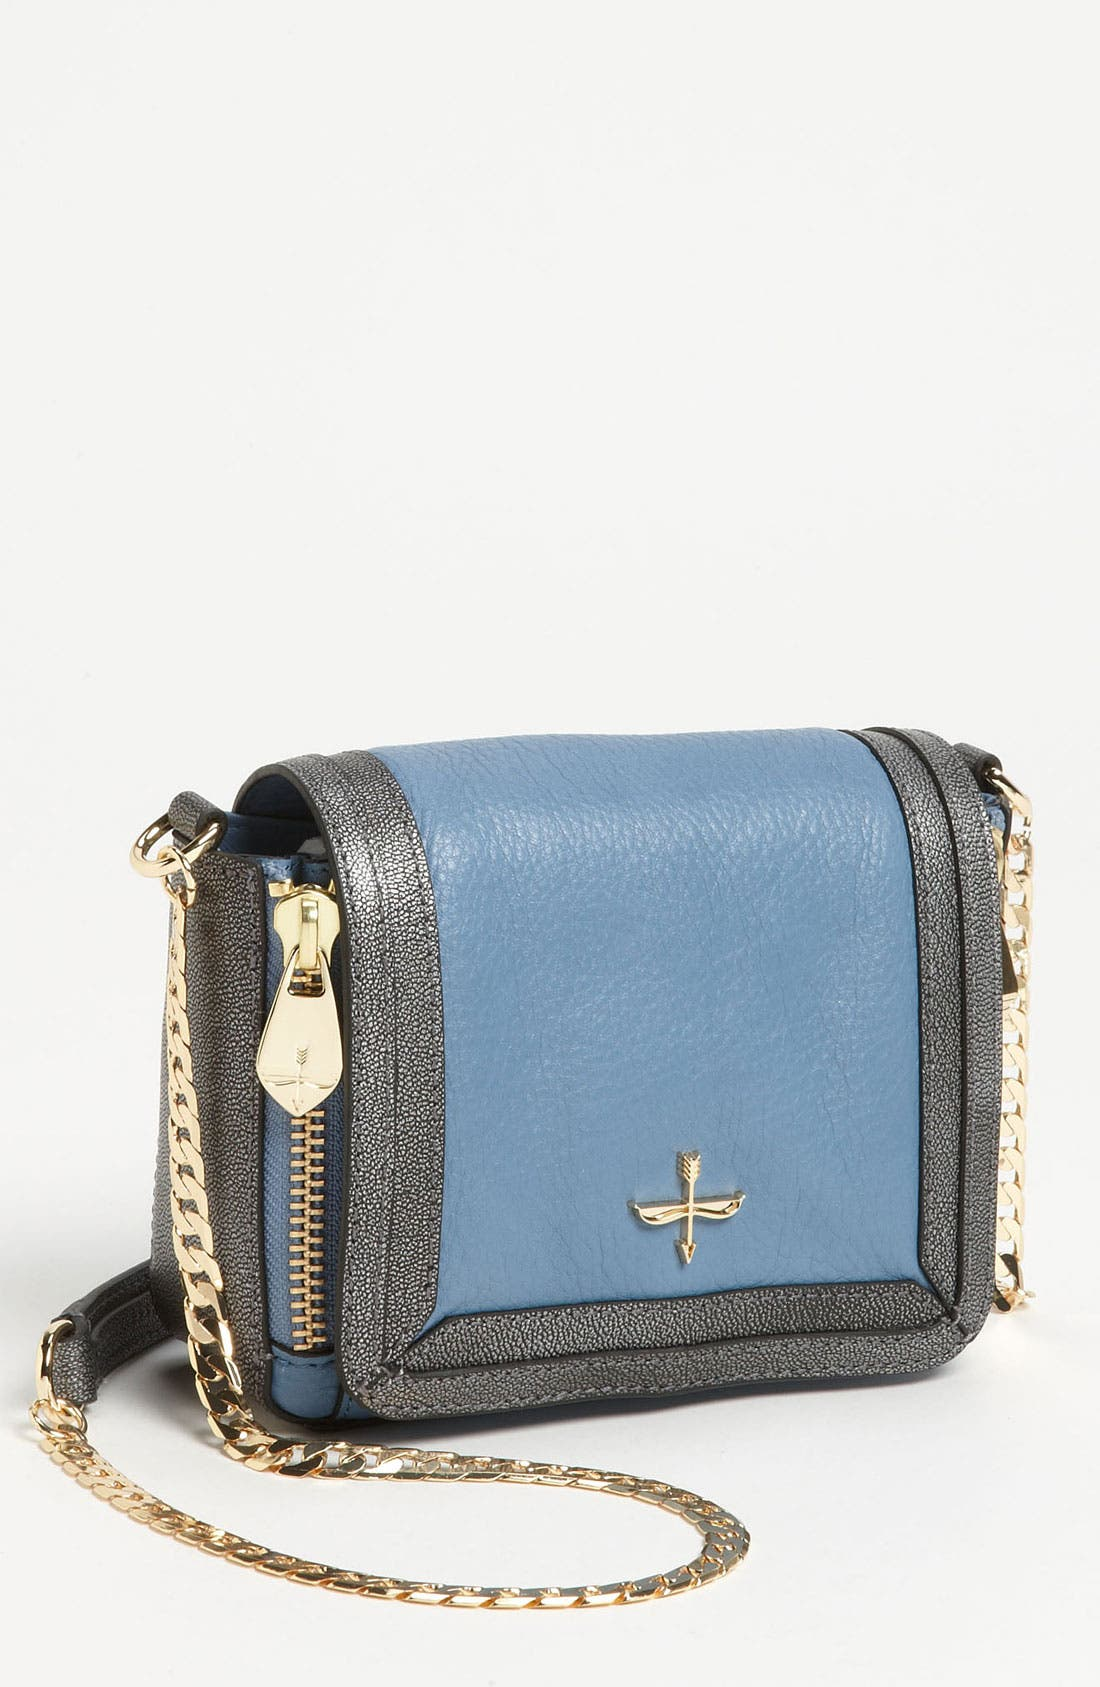 Alternate Image 1 Selected - Pour la Victoire 'Alsace' Crossbody Bag